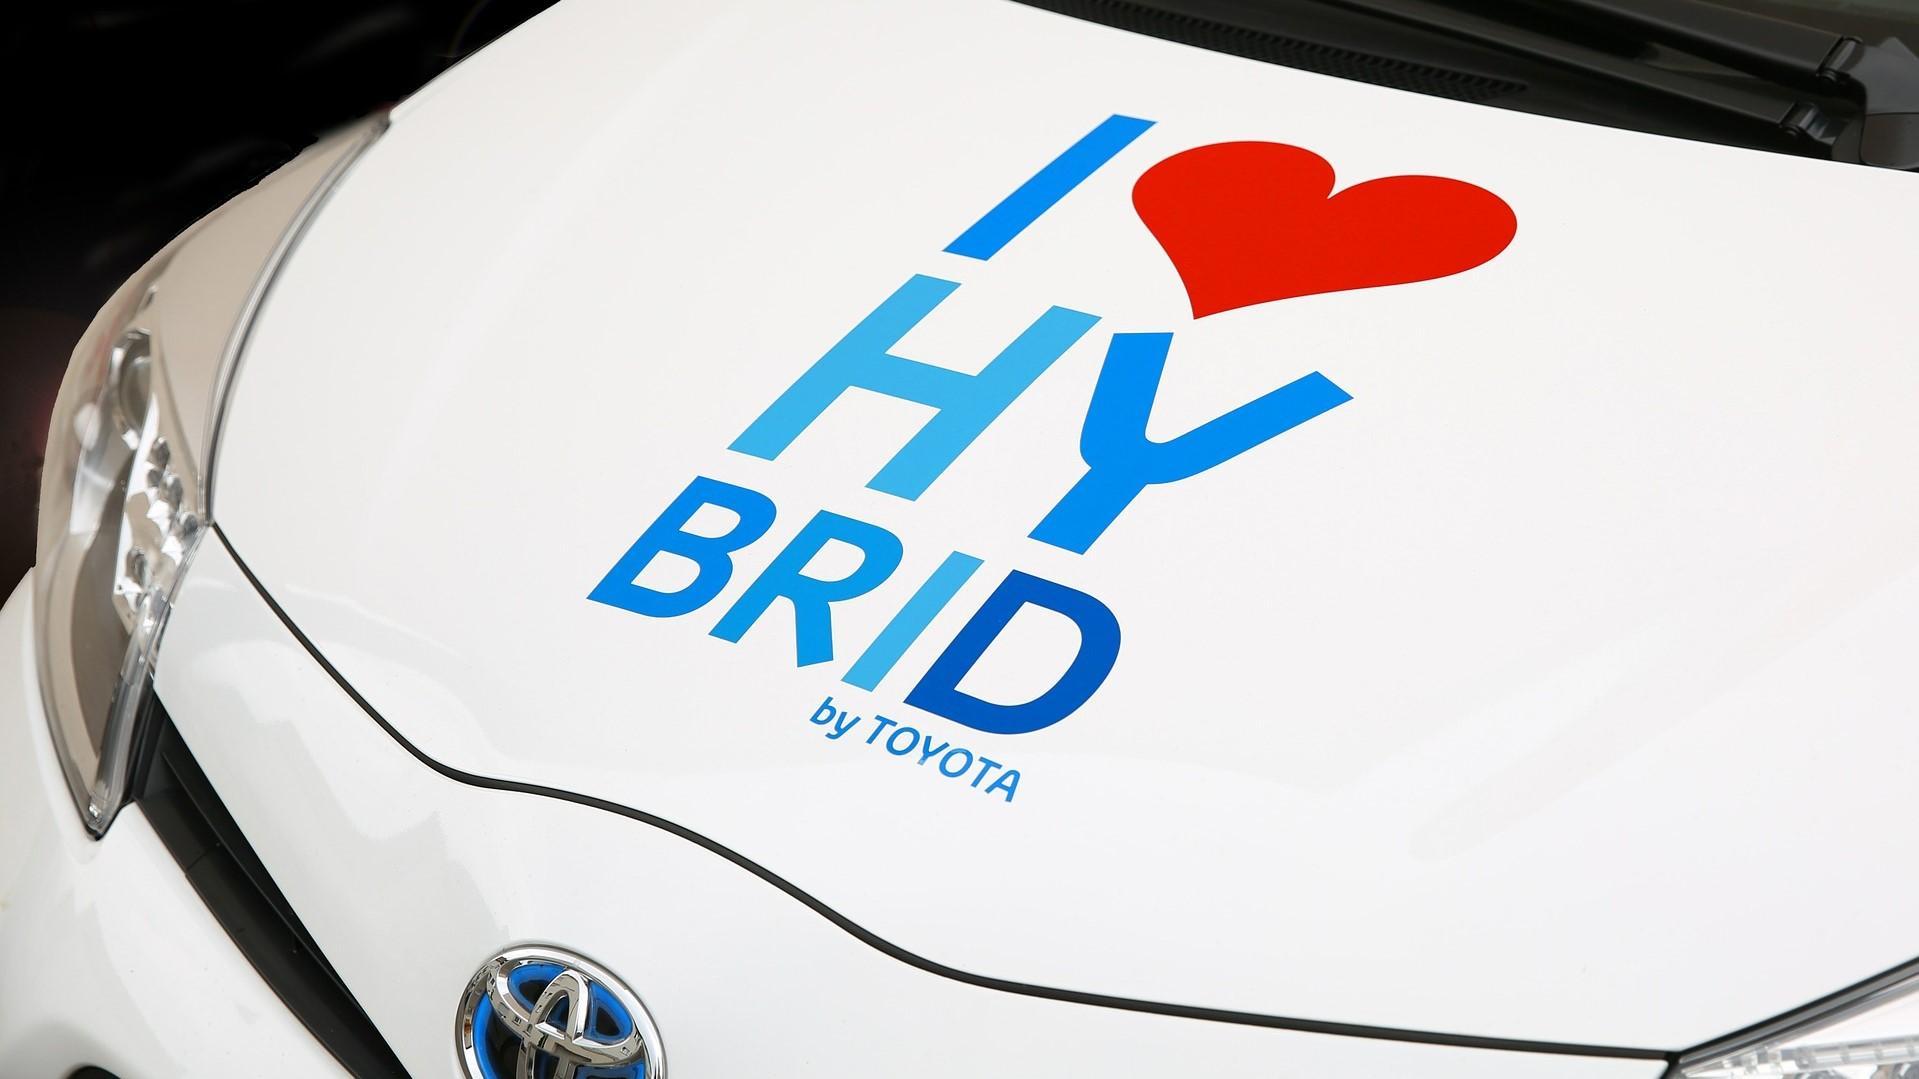 Bei der KFZ-Steuer gibt es keine Vergünstigung für Hybrid-Fahrzeuge.